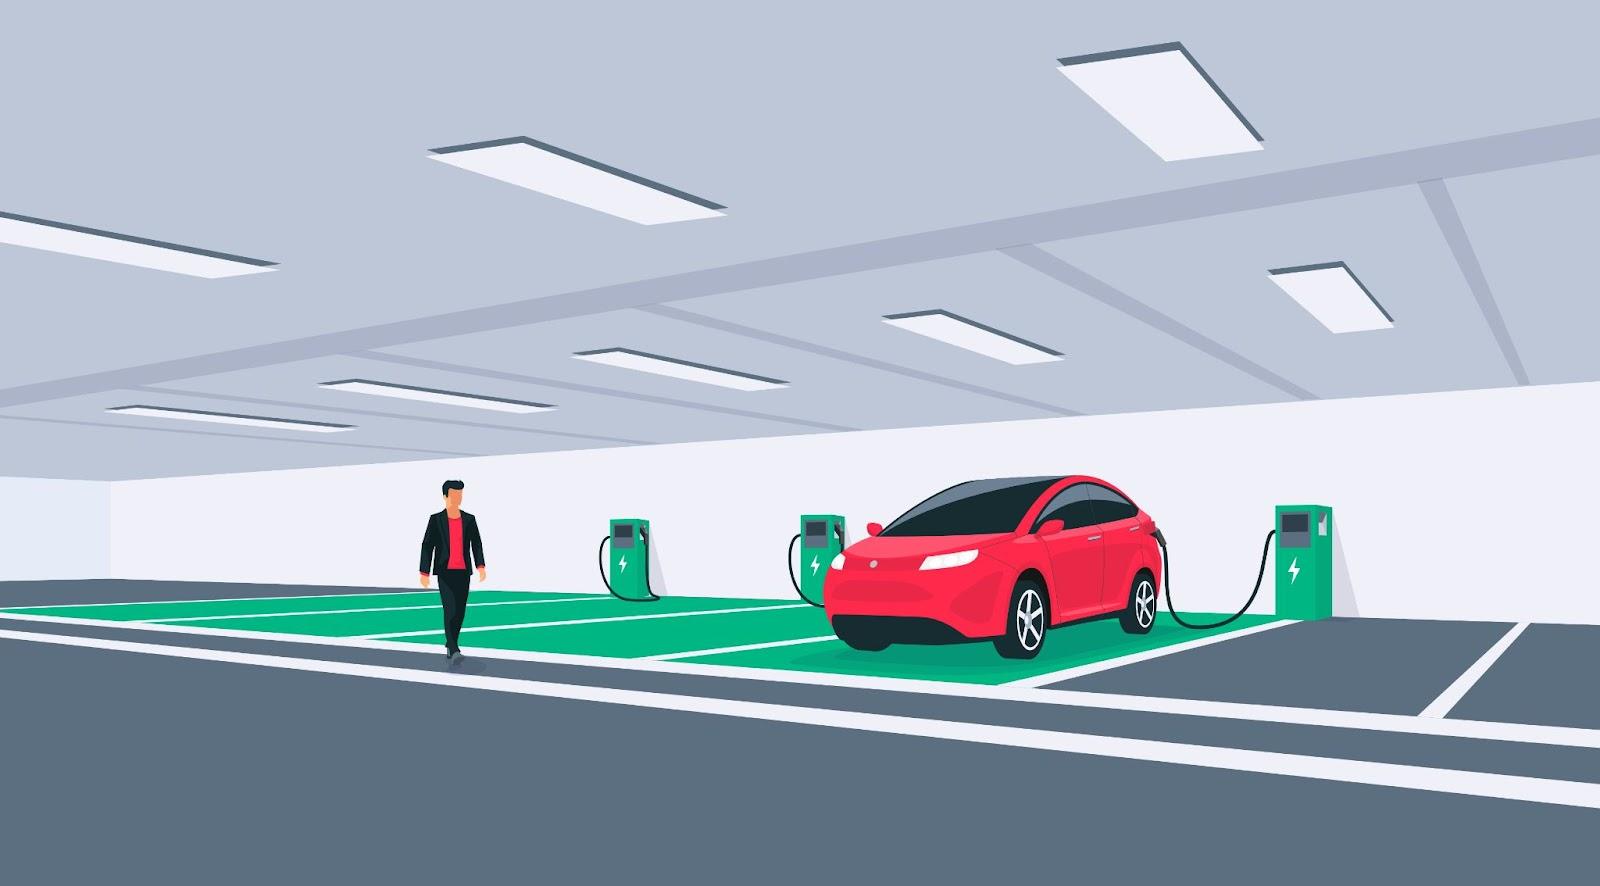 O mercado de estacionamentos subterrâneos já está voltado para o crescimento dos carros elétricos. (Fonte: Shutterstock)